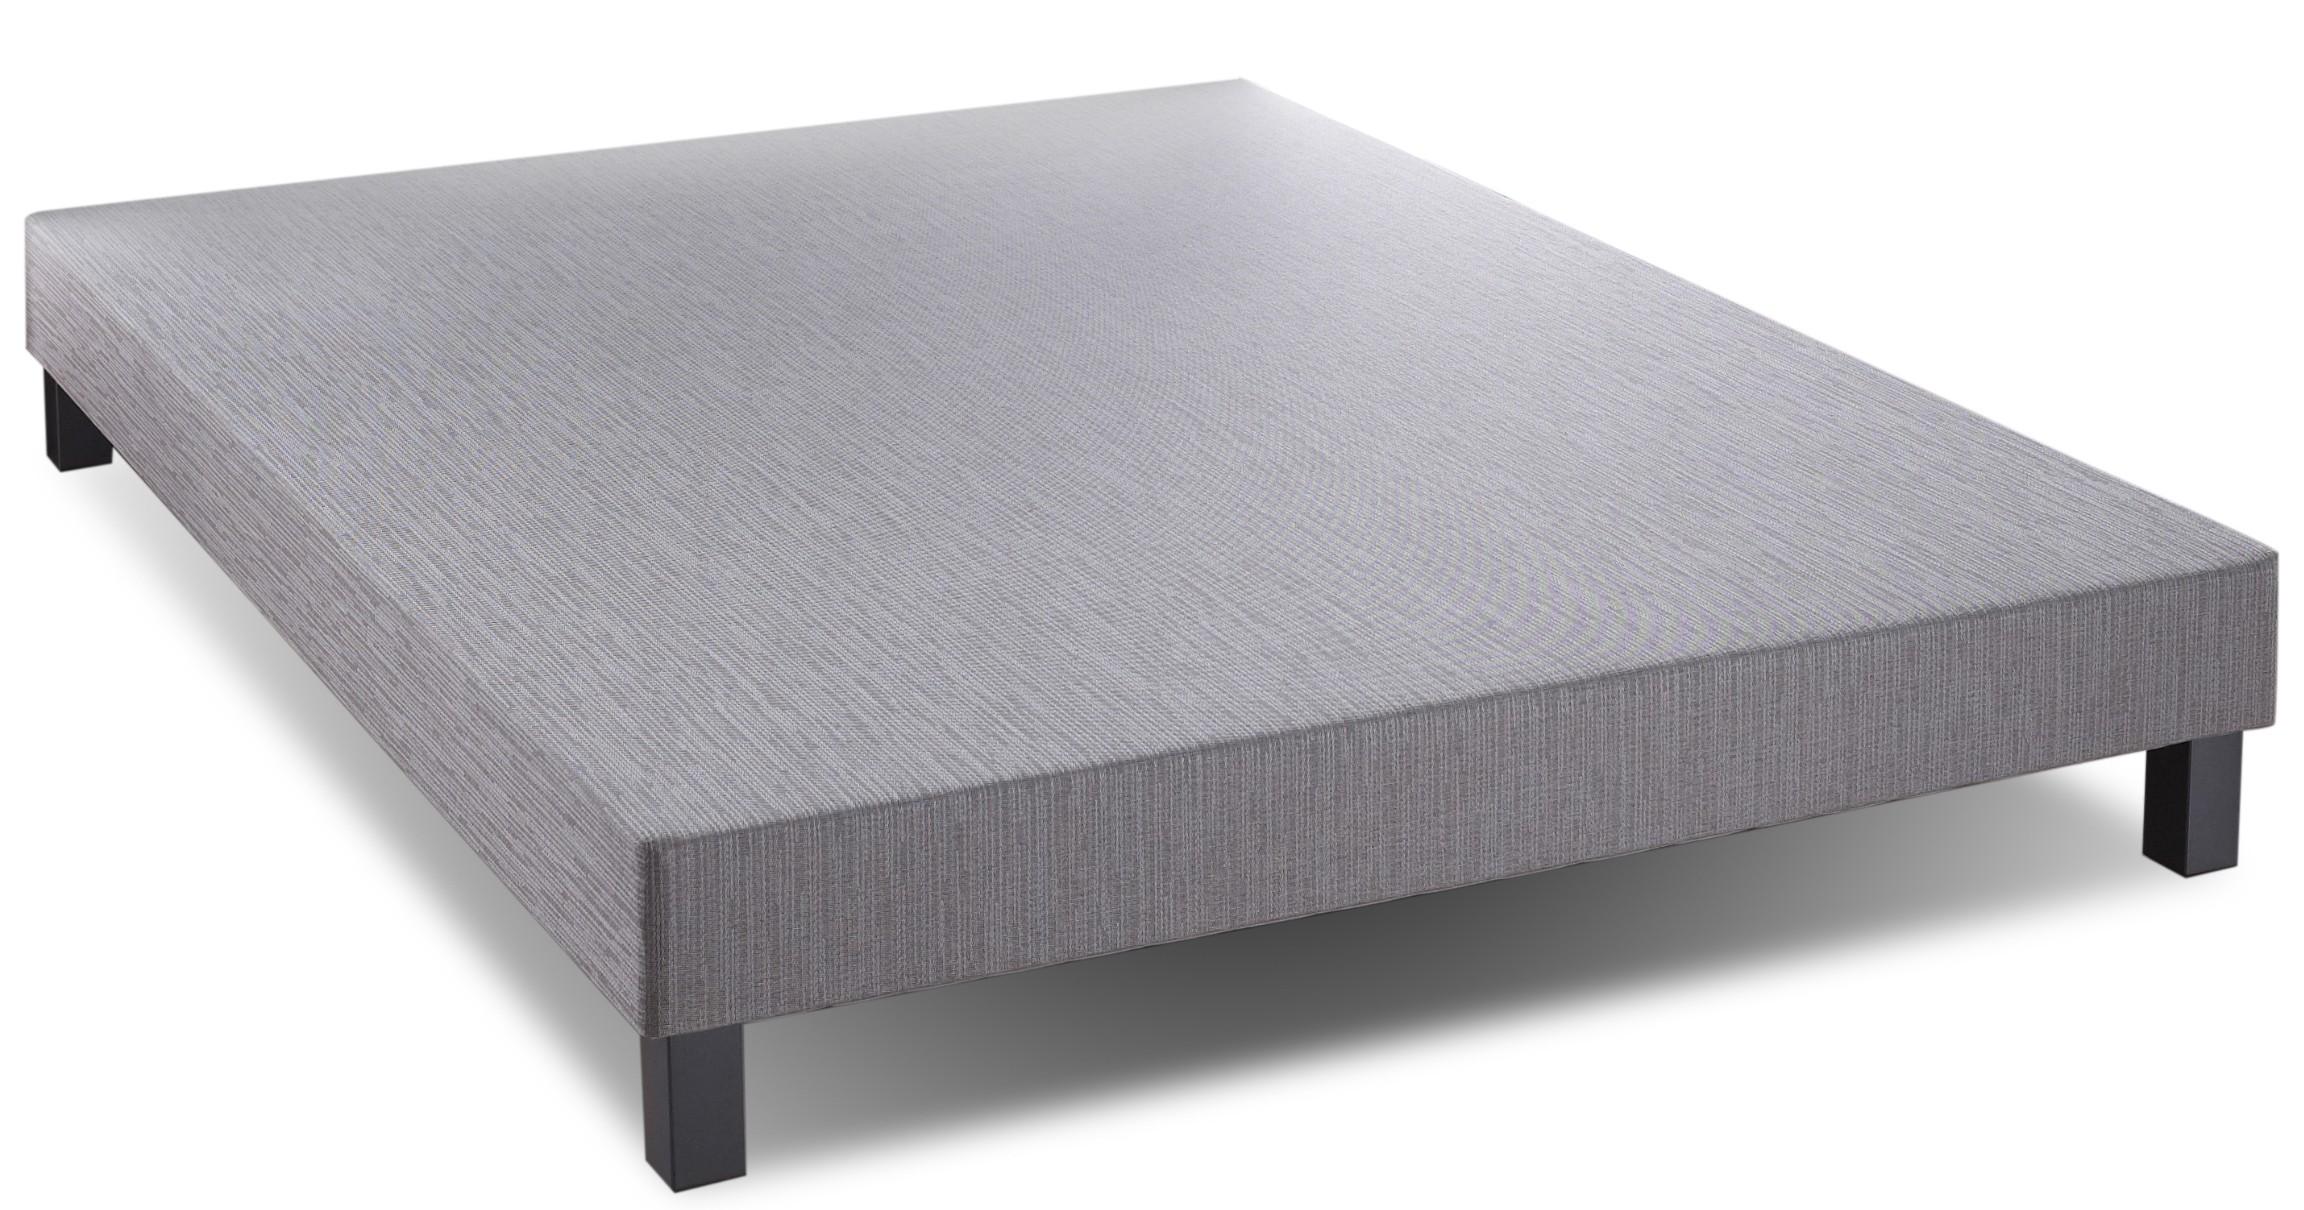 sommier tapissier gris fonc 80x200cm relaxima pieds bois gris. Black Bedroom Furniture Sets. Home Design Ideas